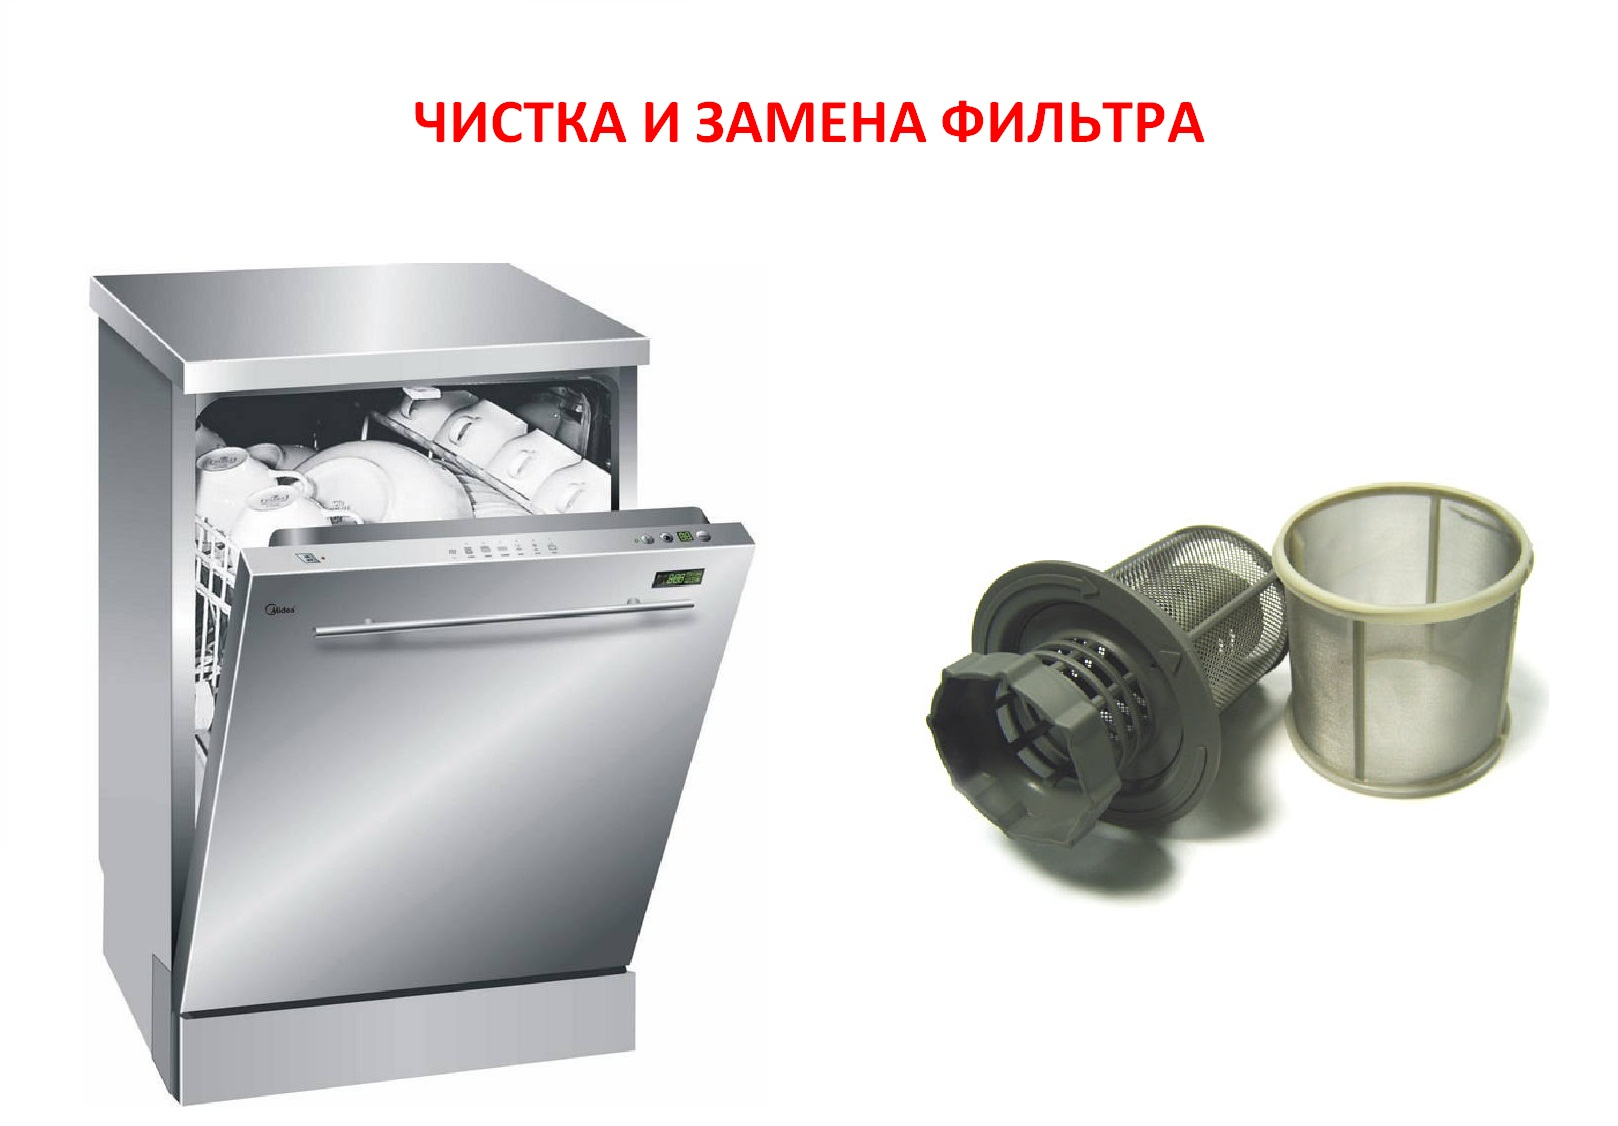 Подмяна и почистване на филтъра на съдомиялната машина